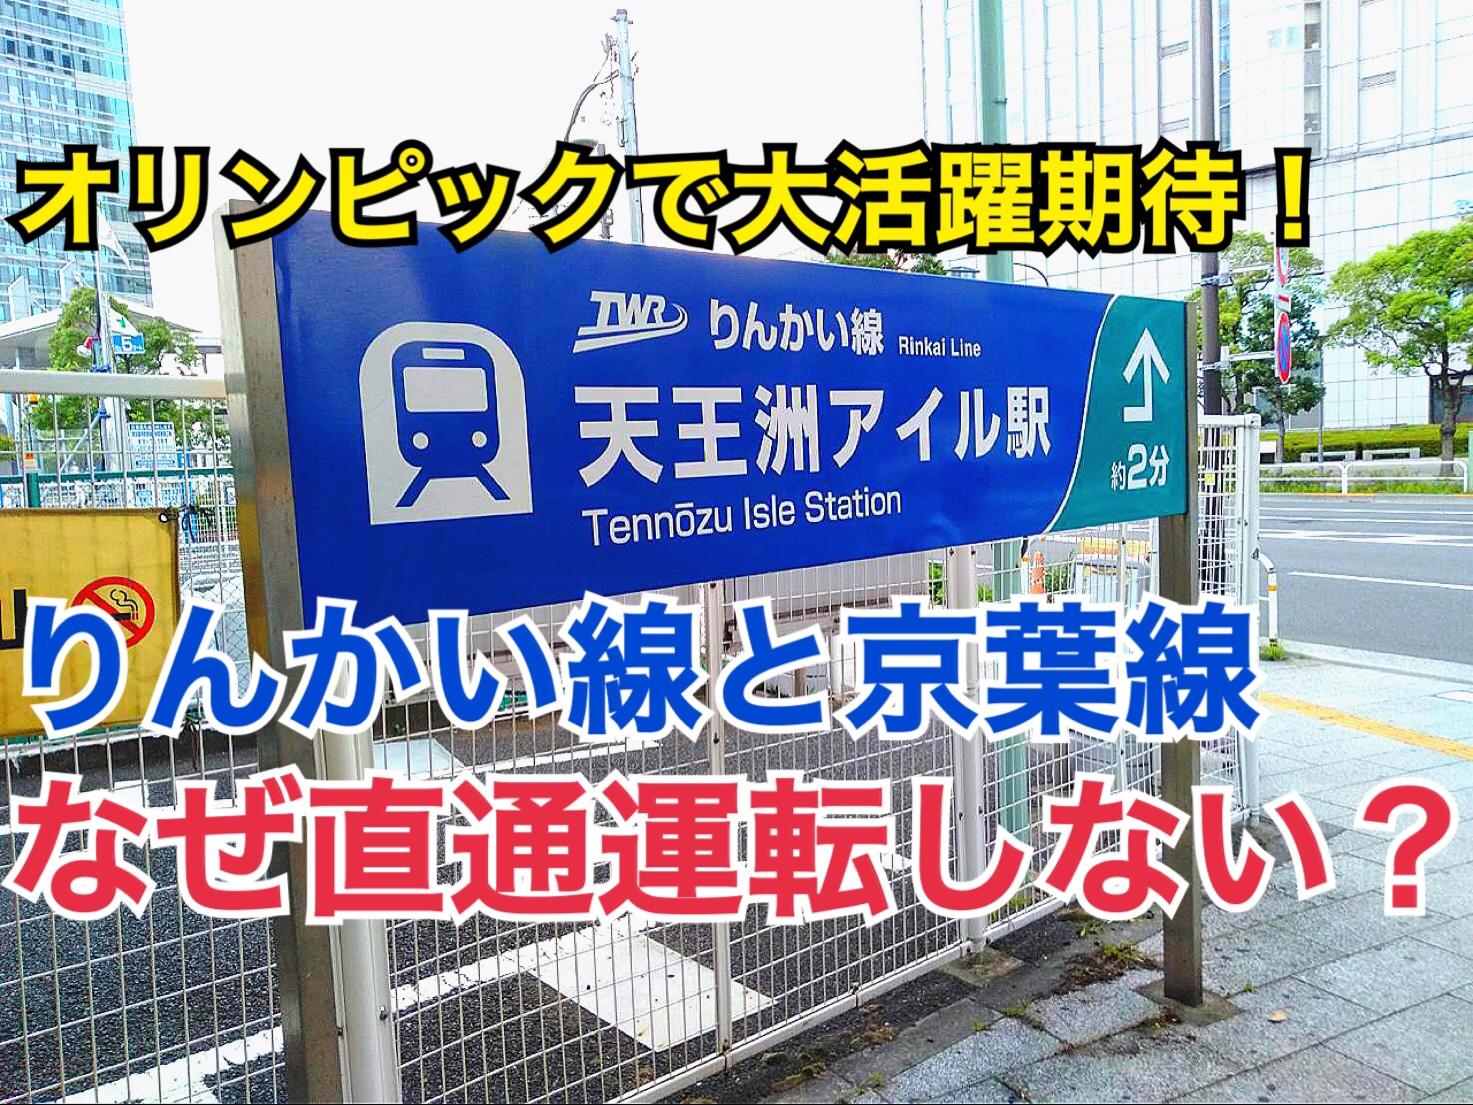 りんかい線は東京オリンピックで大活躍期待!京葉線と直通しないのはなぜ?【夏の東日本紀行2019】